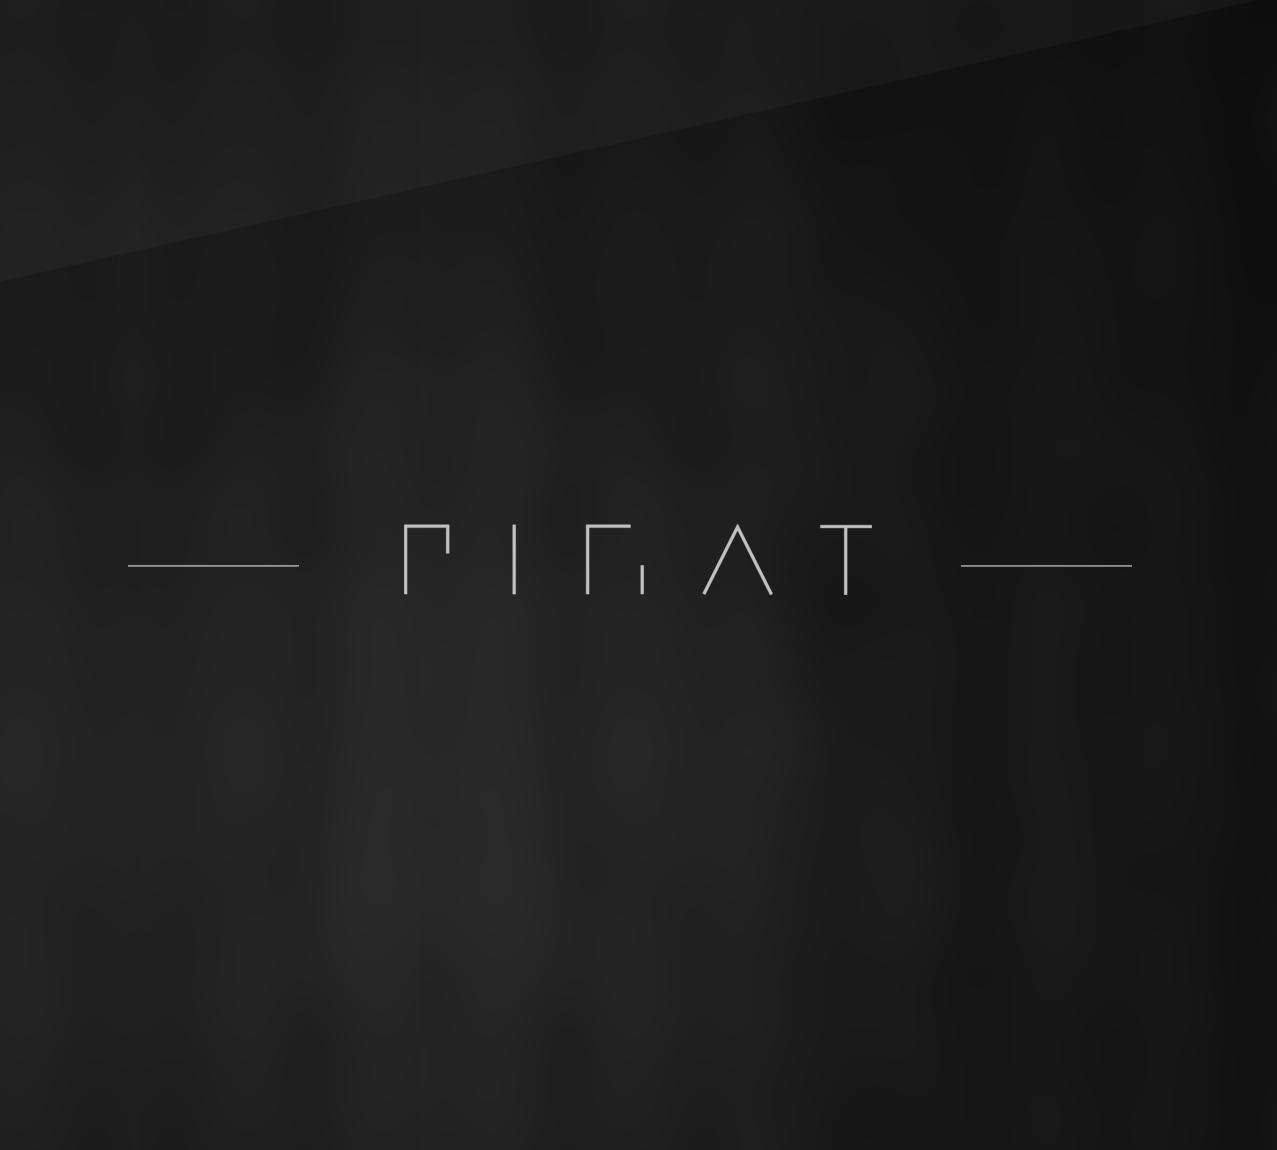 Pirat_Logo